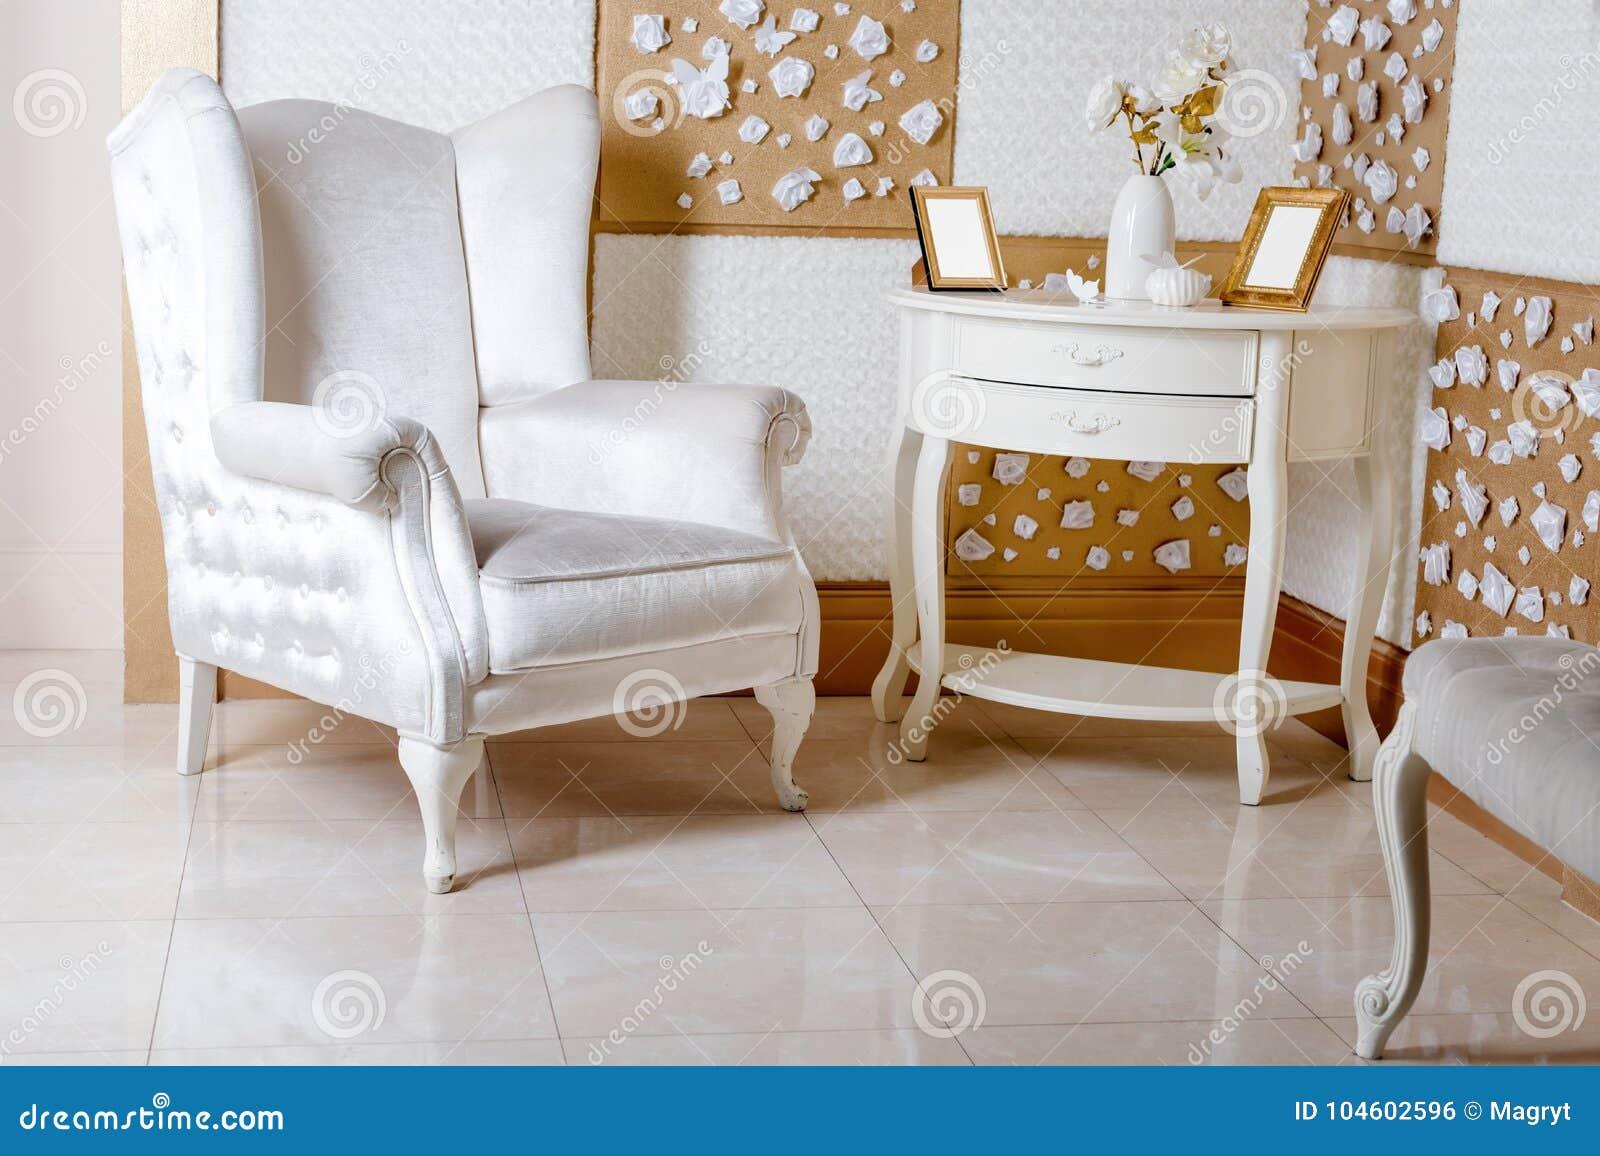 Luxe Design Fauteuil.Interieur De Luxe Le Fauteuil Blanc Luxueux Antiquite A Decoupe